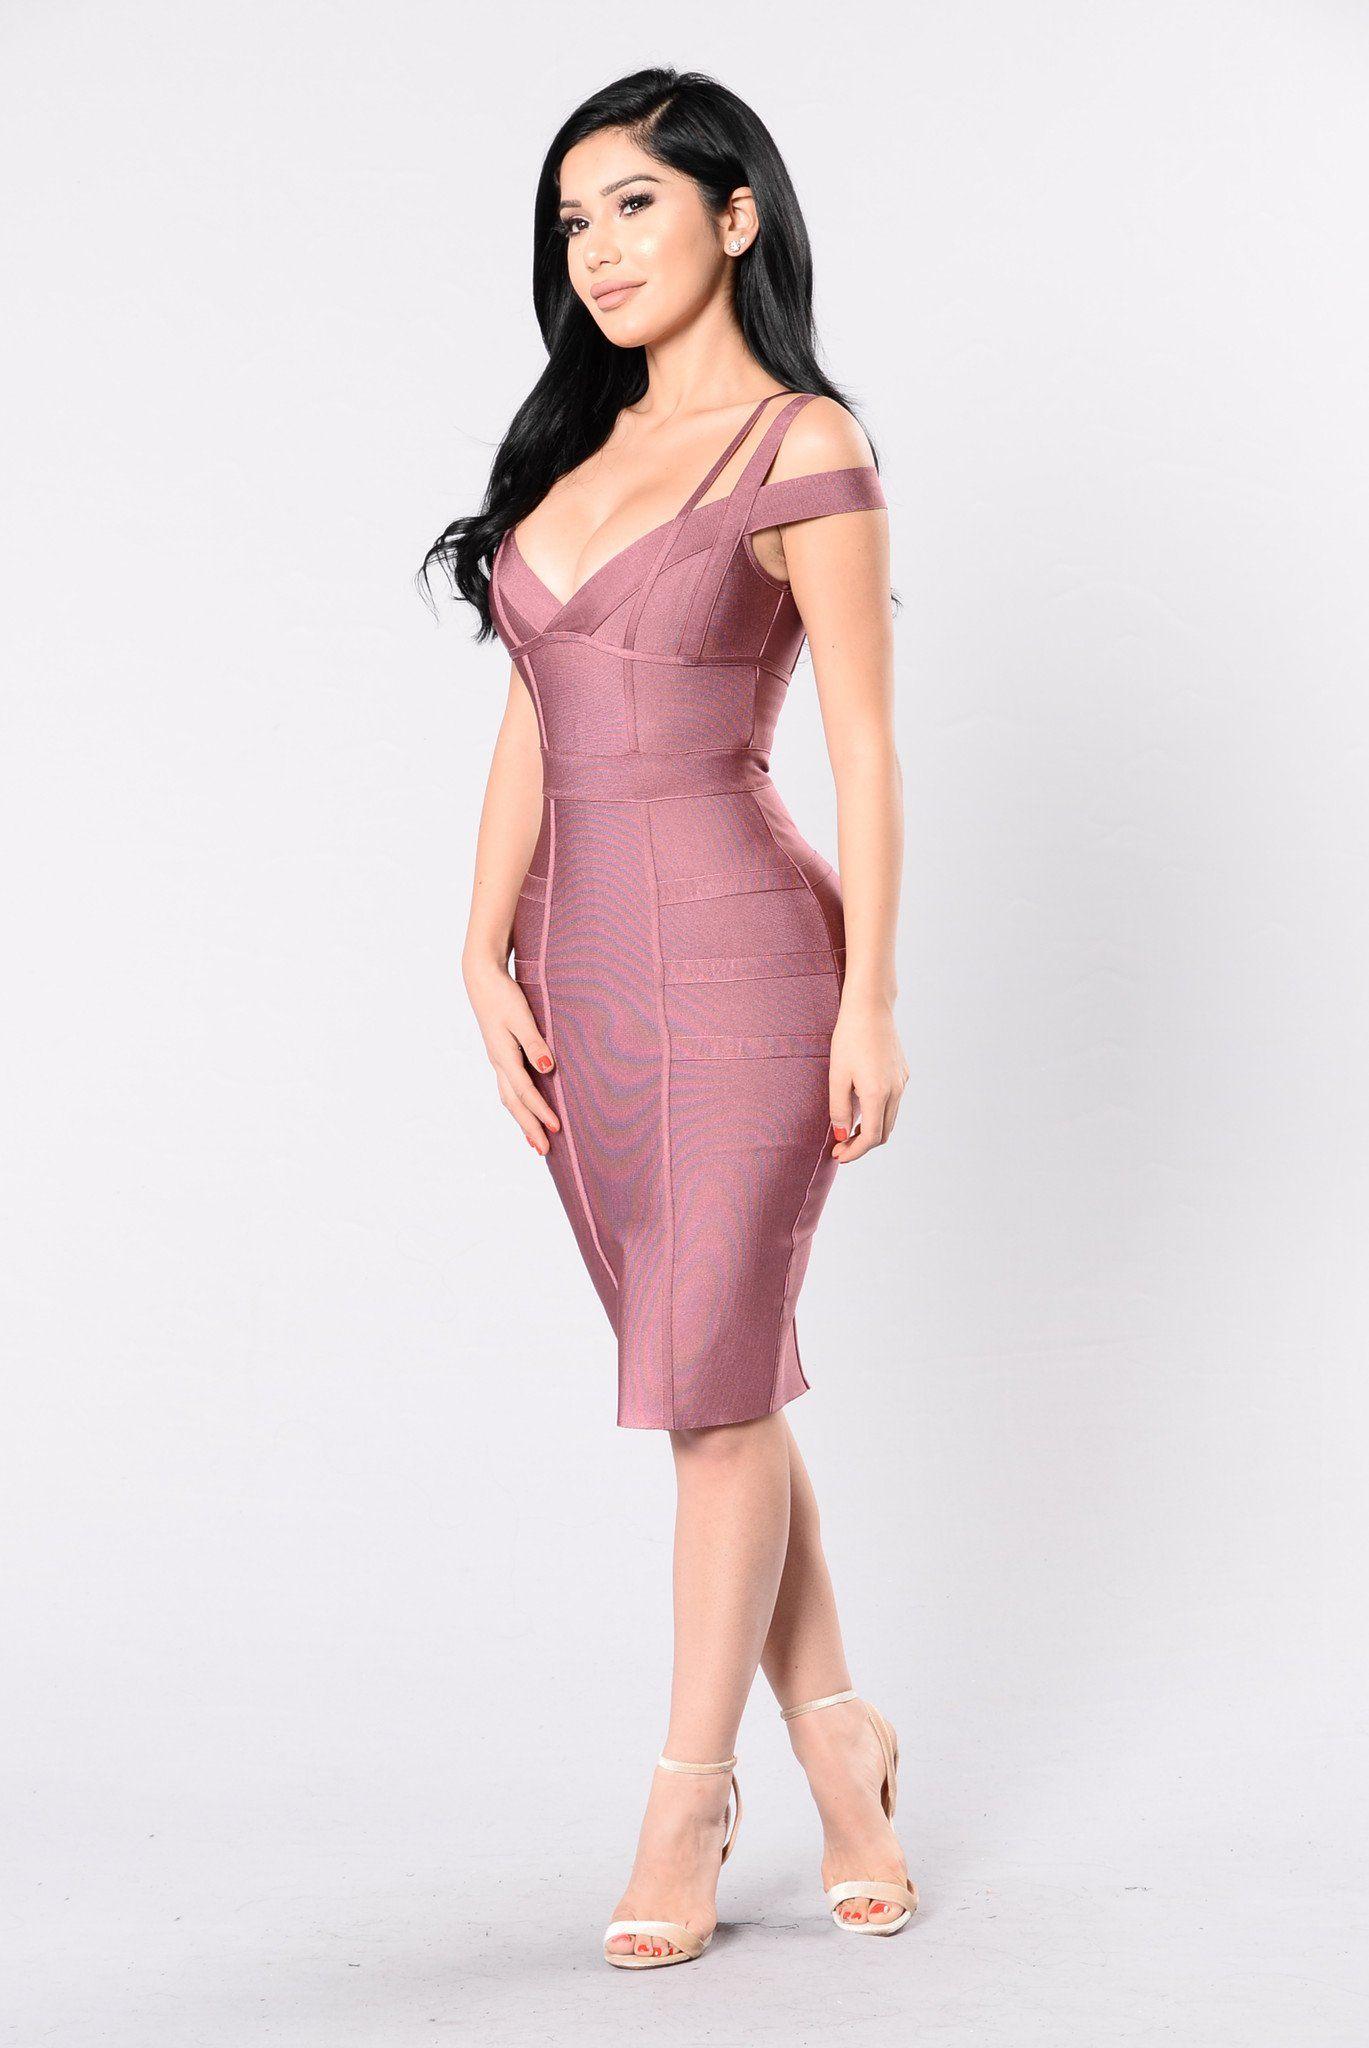 Lansa Bandage Dress - Dark Mauve   Vestidos de fiesta, Vestiditos y ...